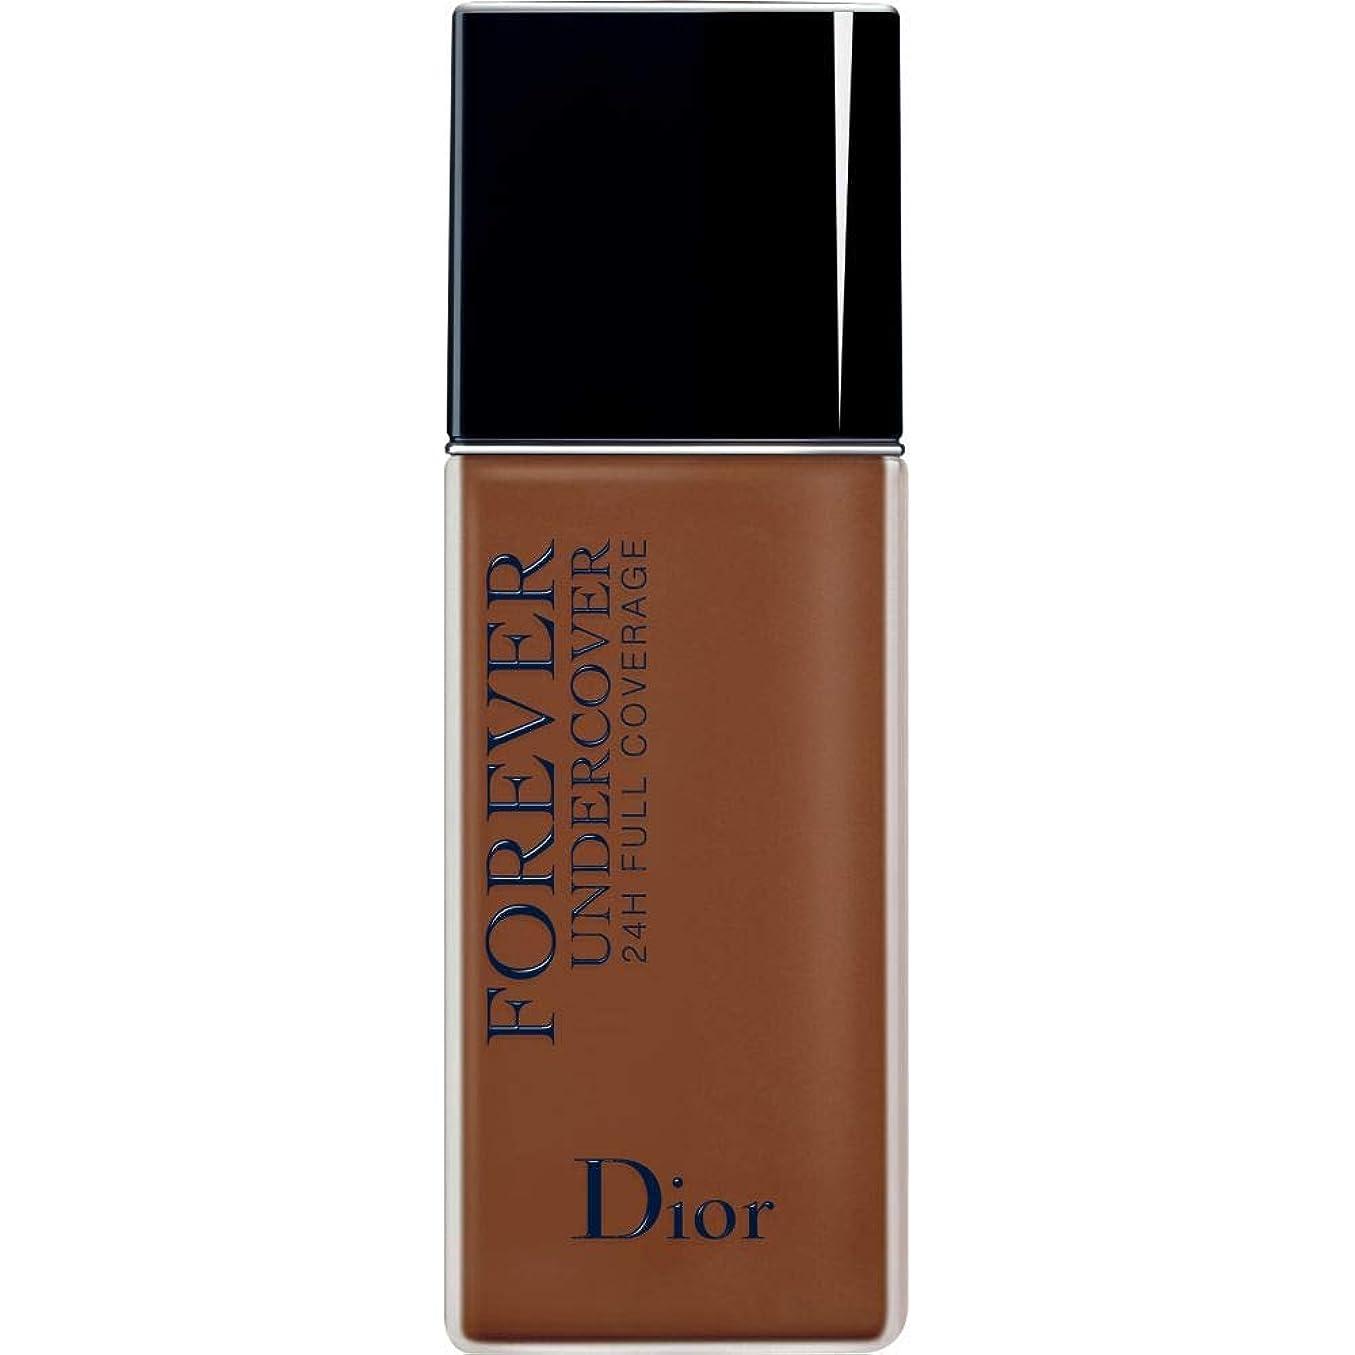 顧問天井西部[Dior ] ディオールディオールスキン永遠アンダーカバーフルカバーの基礎40ミリリットル070 - ダークブラウン - DIOR Diorskin Forever Undercover Full Coverage Foundation 40ml 070 - Dark Brown [並行輸入品]